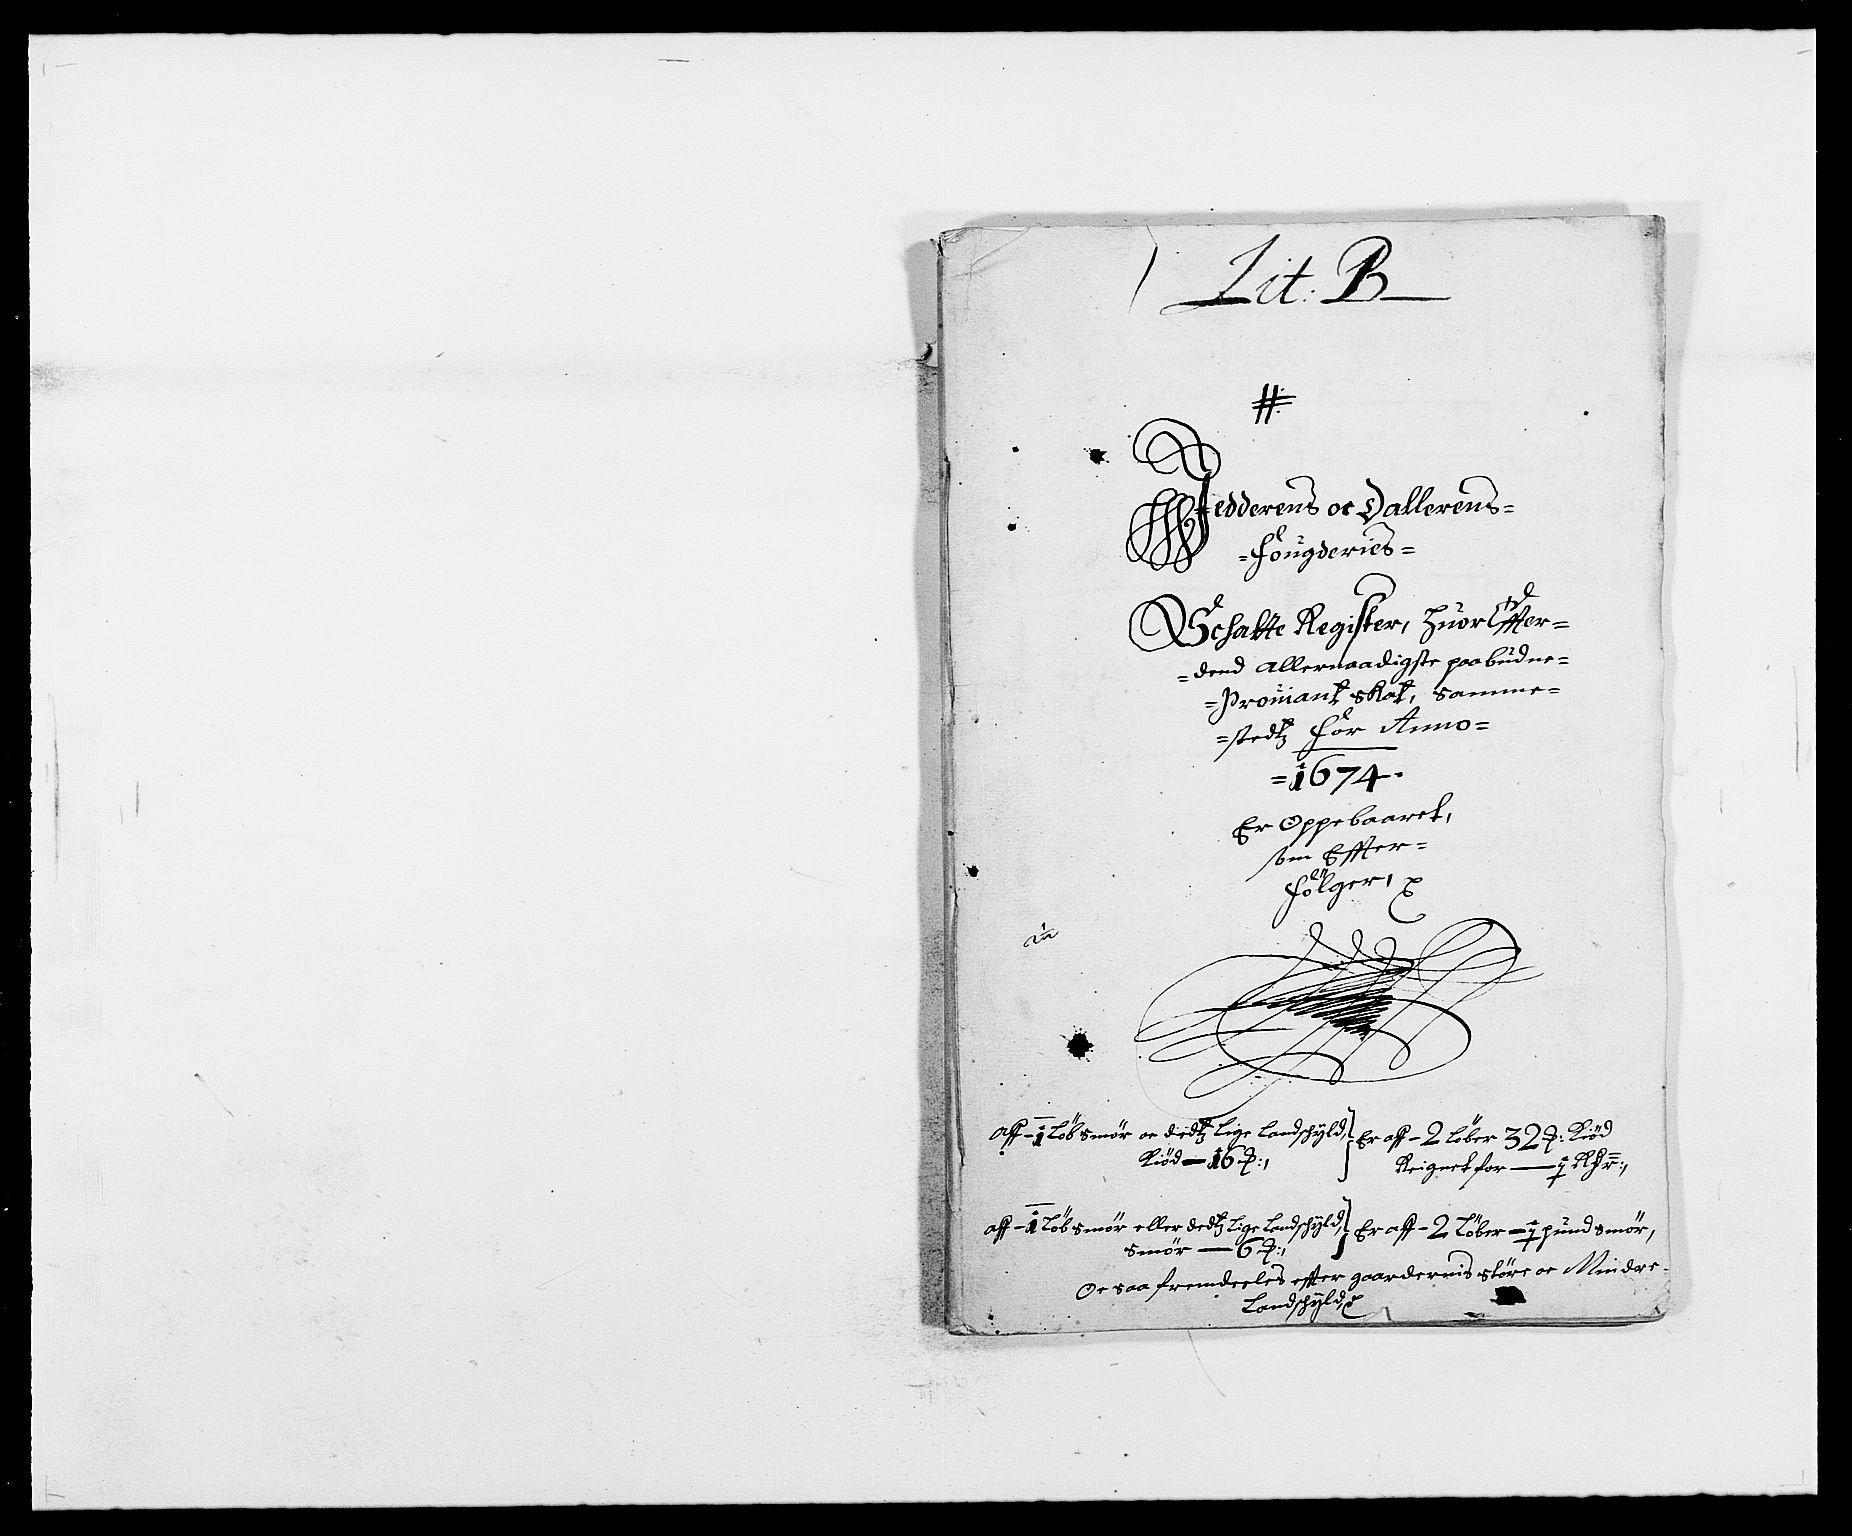 RA, Rentekammeret inntil 1814, Reviderte regnskaper, Fogderegnskap, R46/L2714: Fogderegnskap Jæren og Dalane, 1673-1674, s. 220